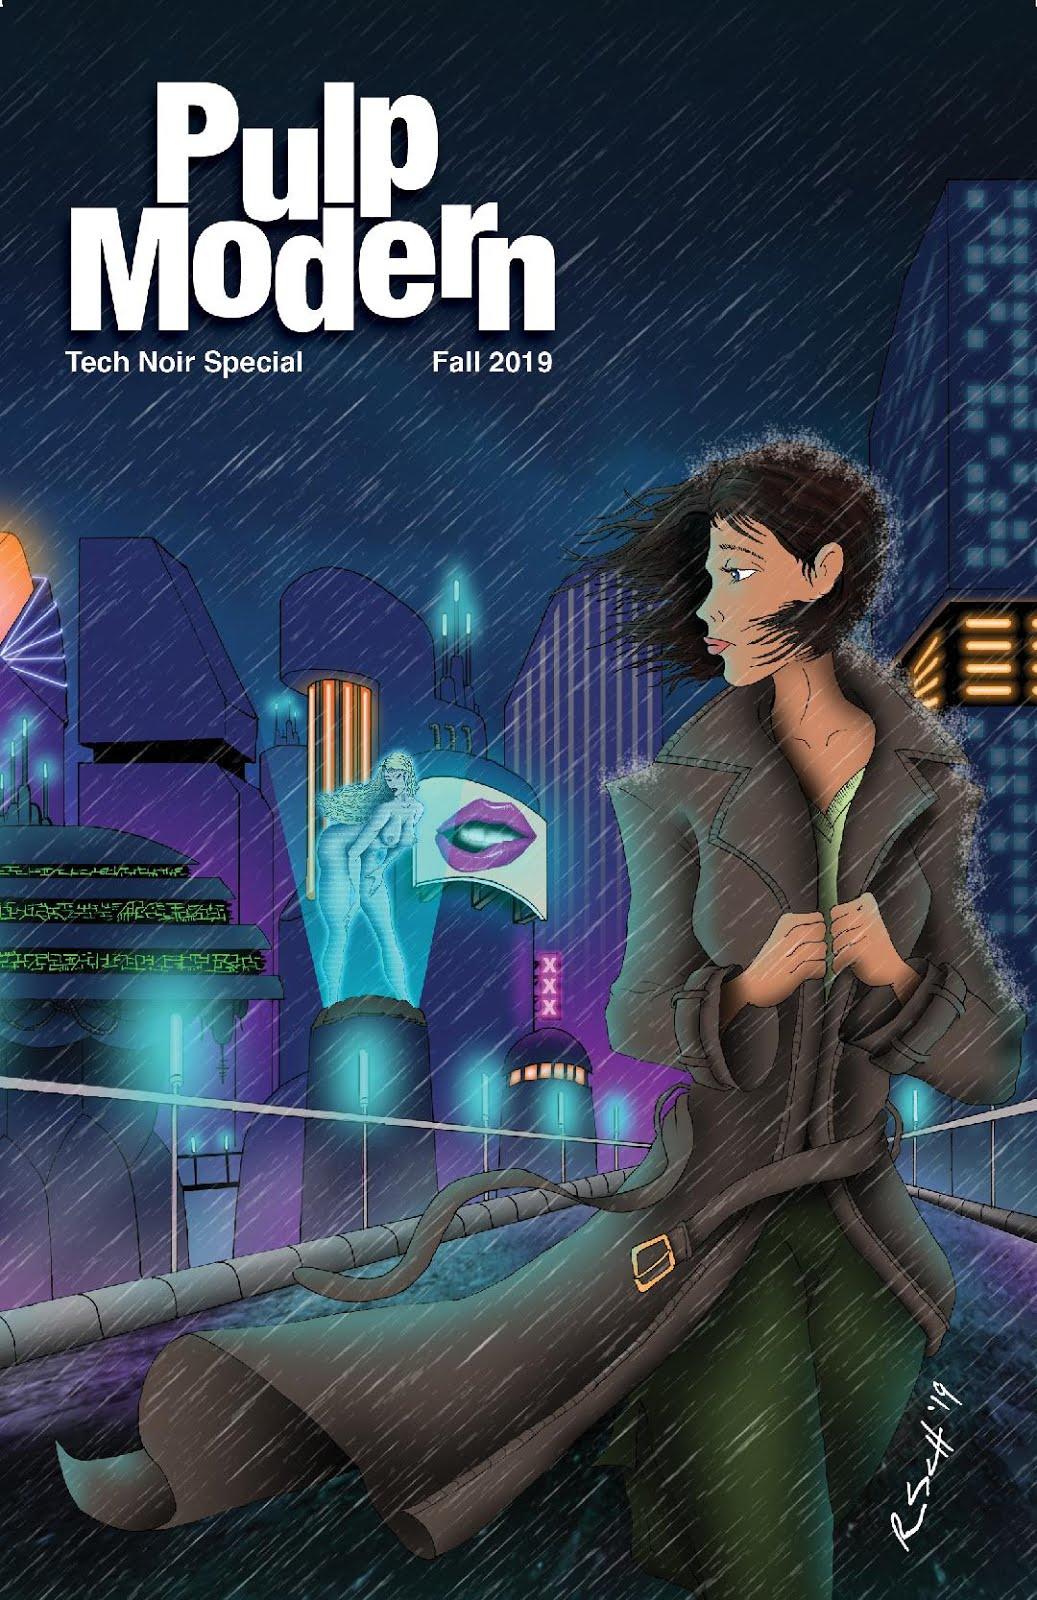 Pulp Modern: Tech Noir